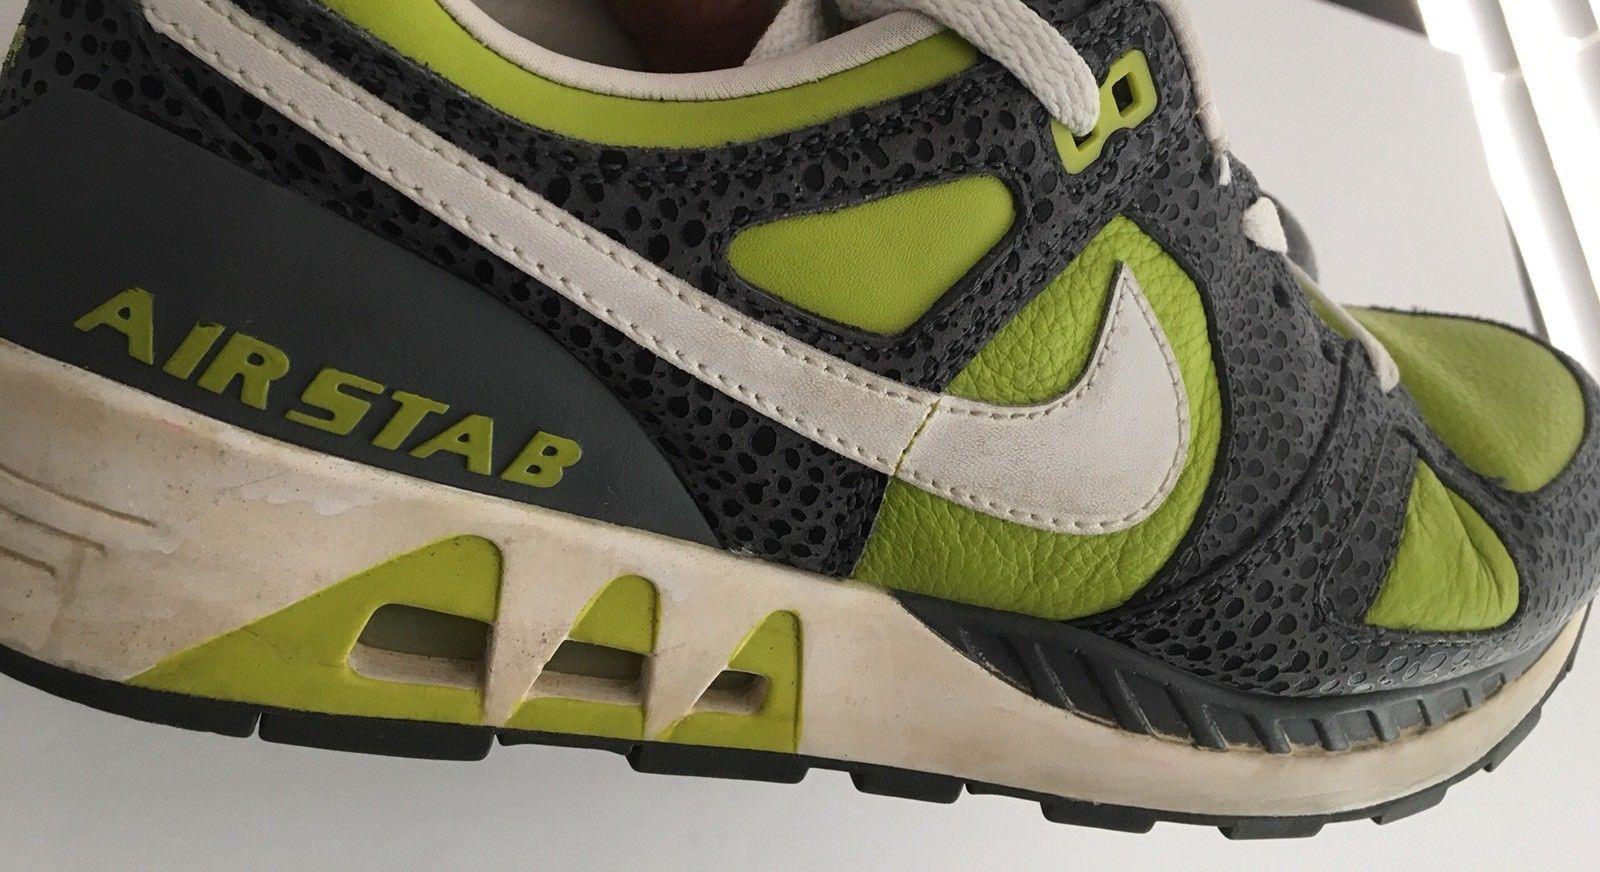 Nike Air Stab Premium Cactus Pack Safari and 50 similar items